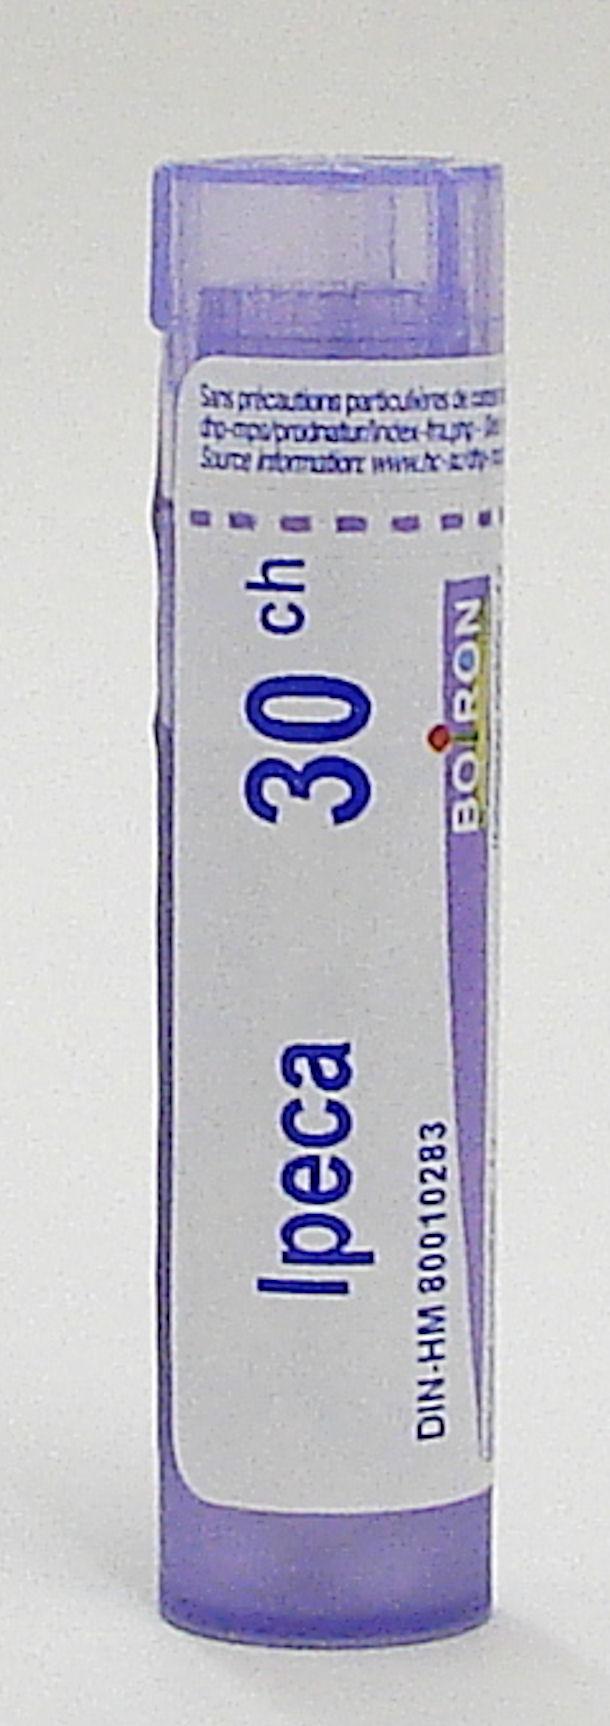 ipeca (ipecacuanha) 30ch sublingual pellets (boiron)